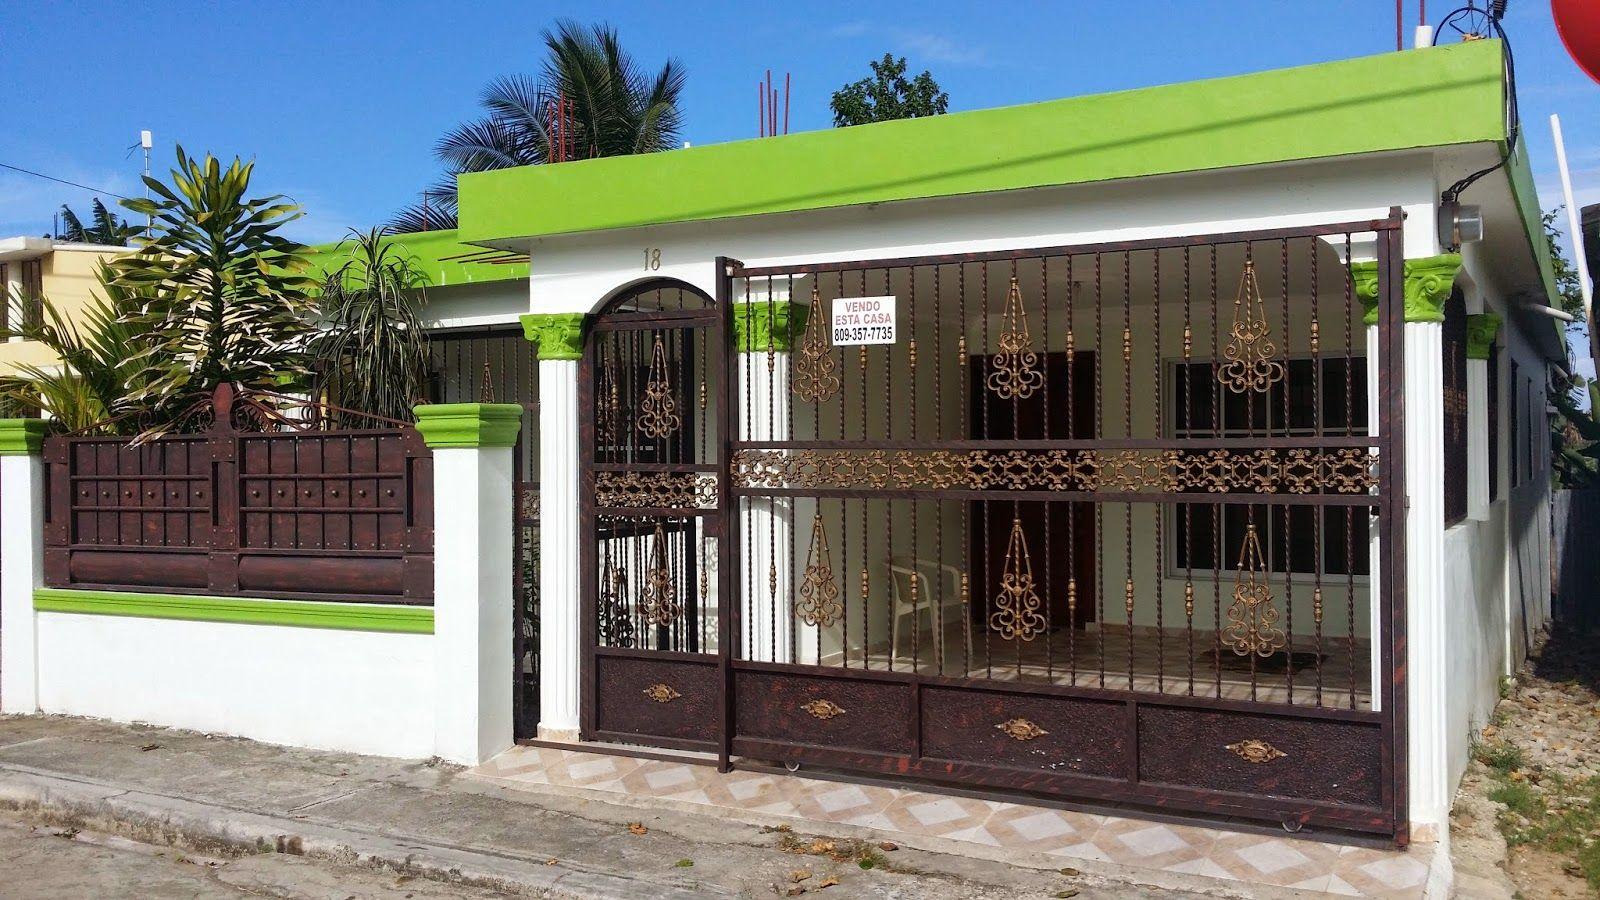 Puertas De Hierro Para Marquesina Buscar Con Google Outdoor Decor Decor Home